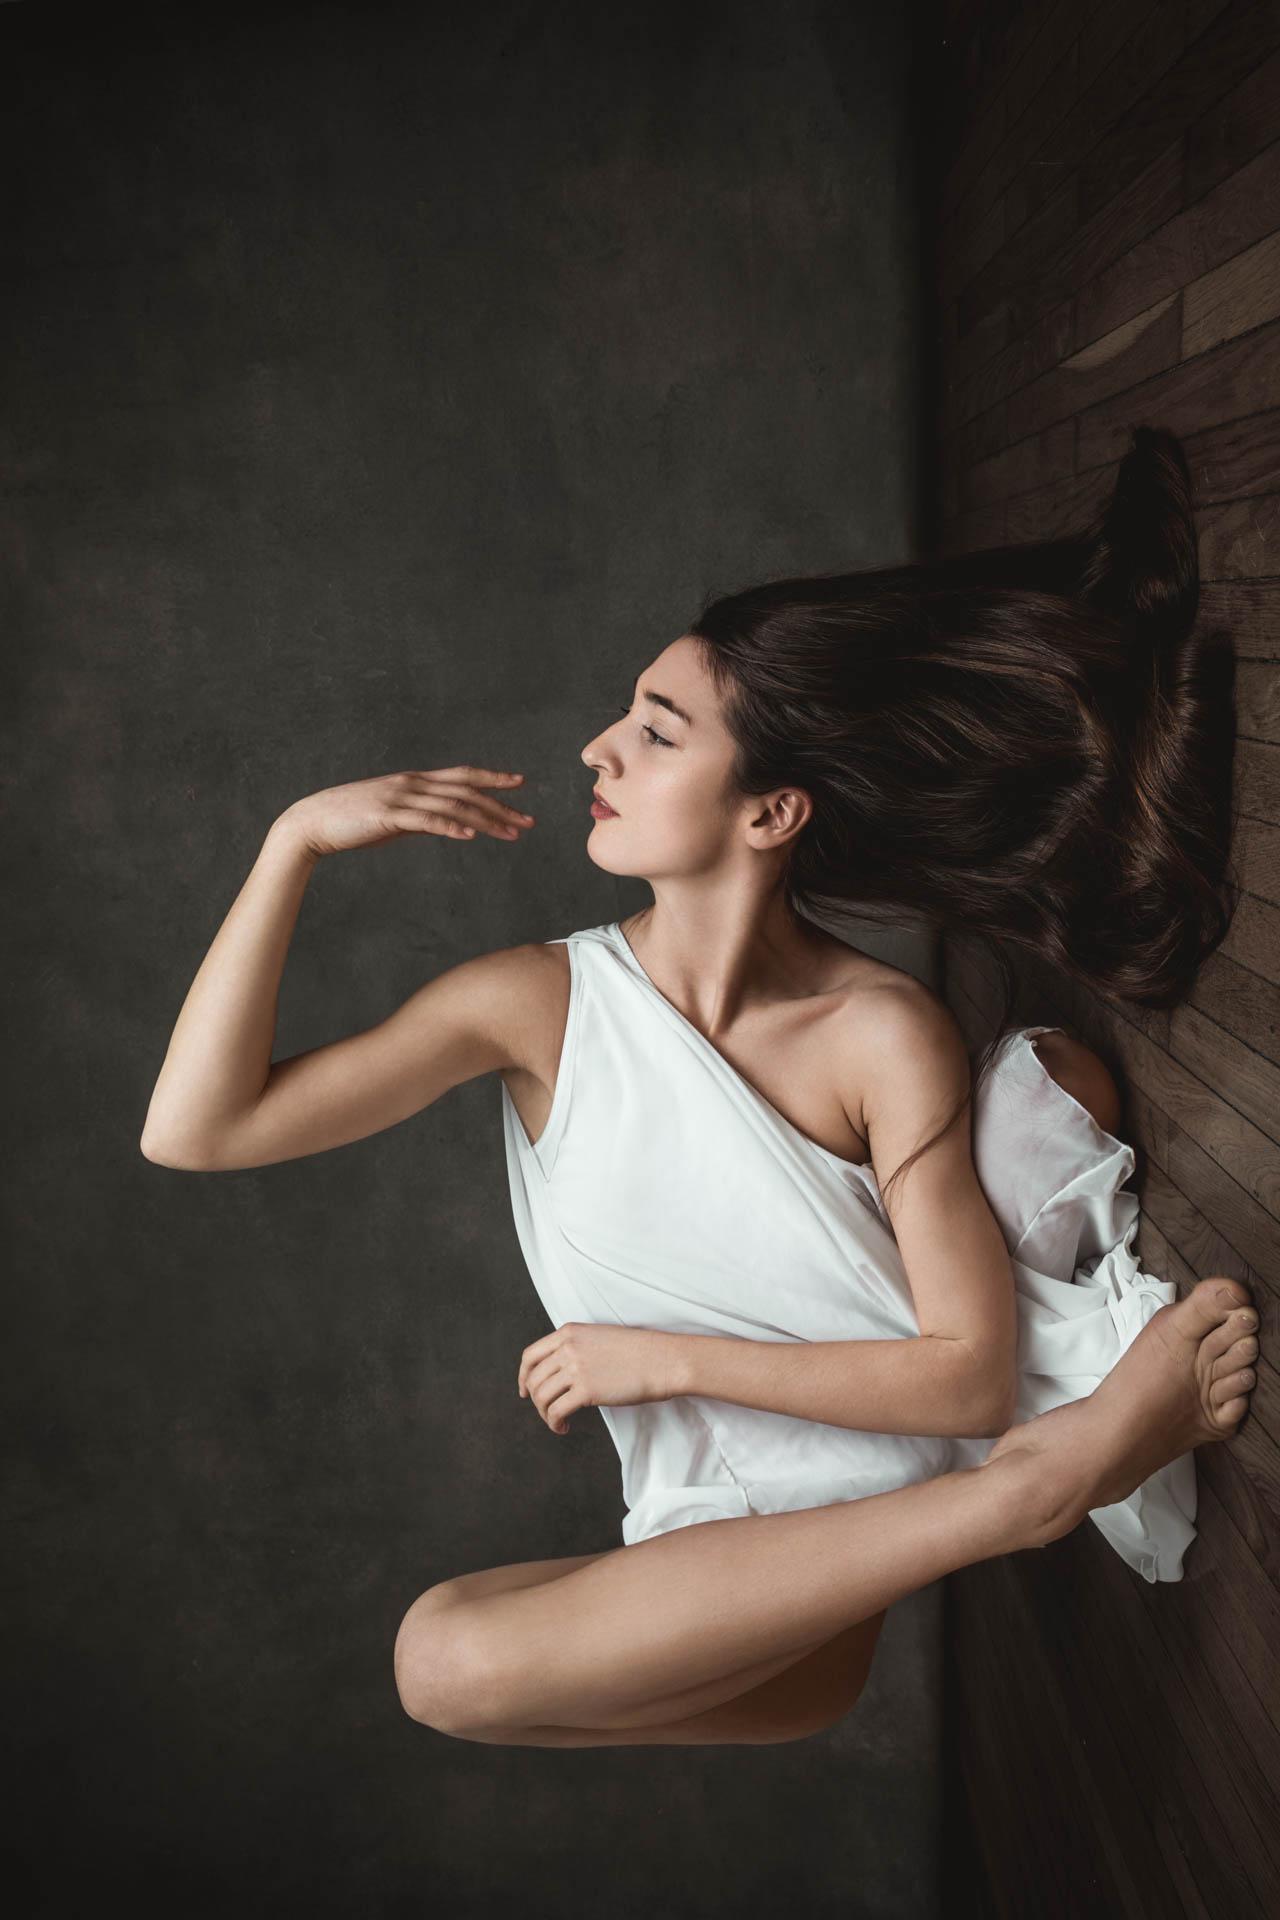 ronan siri portrait dancer danseuse lyon